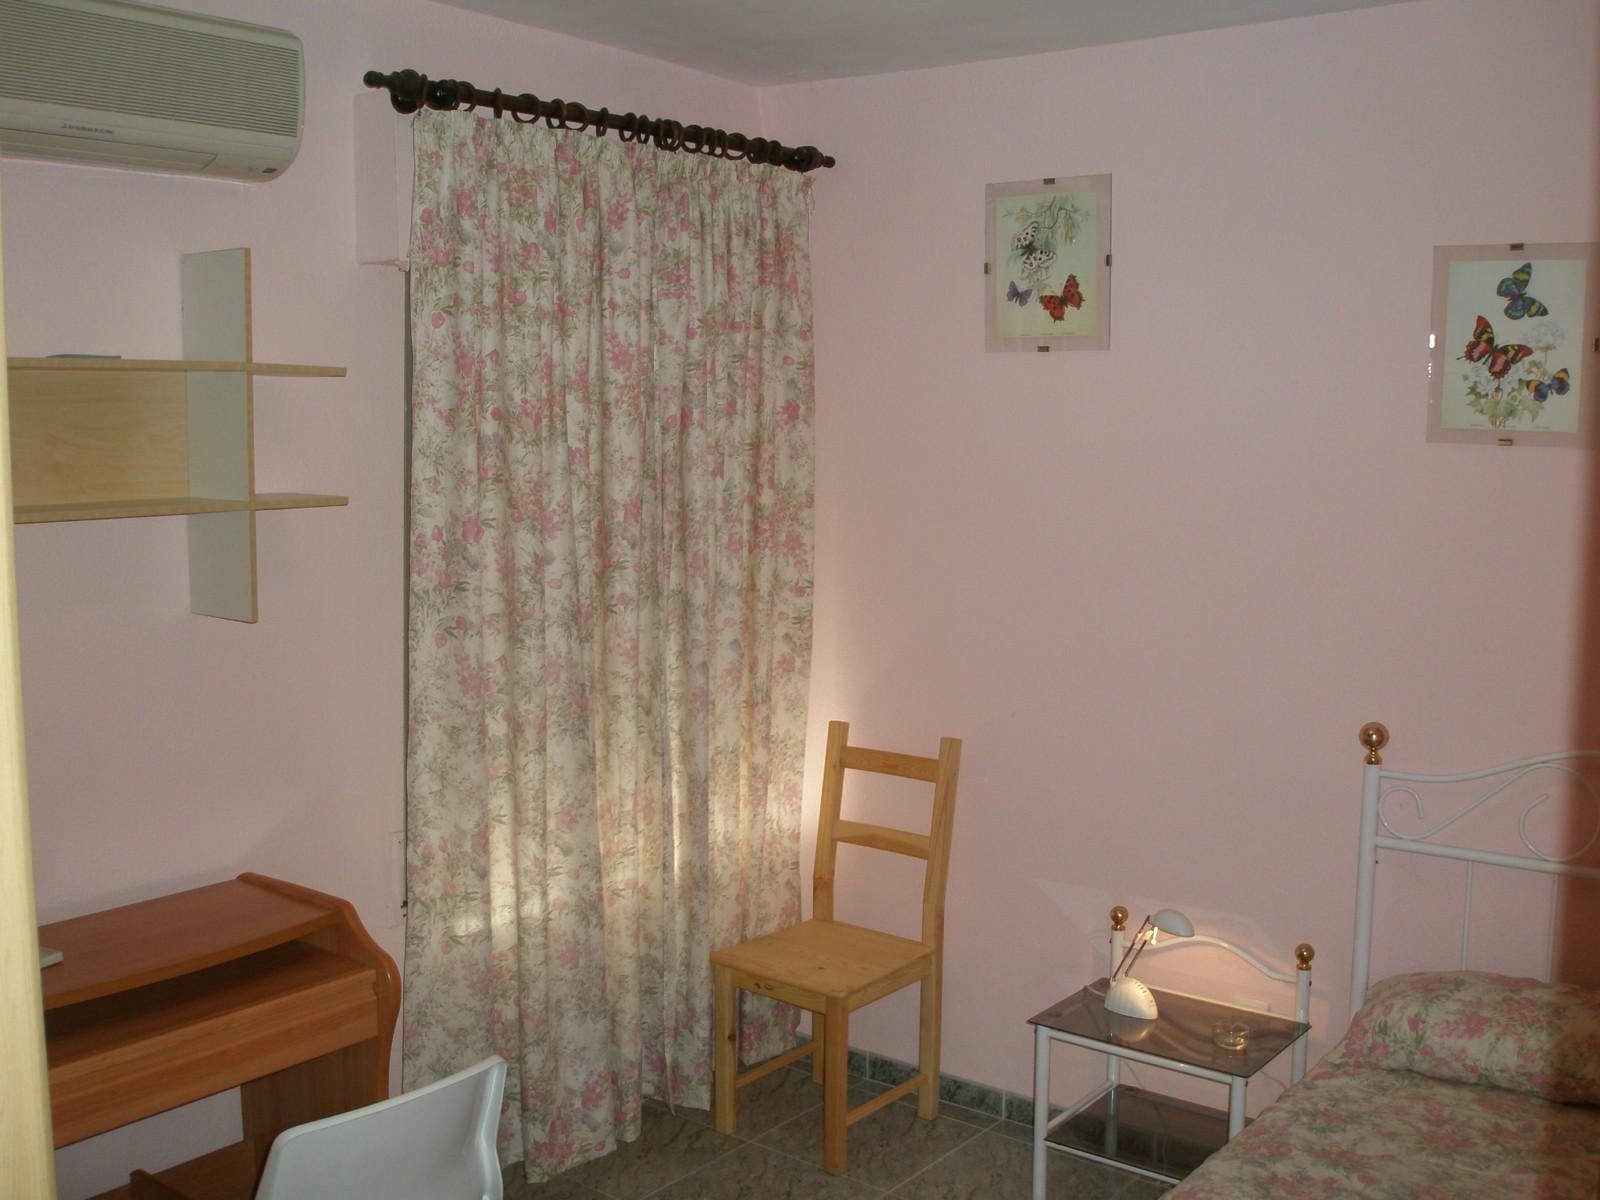 Alquiler de piso en córdoba - imagenInmueble15